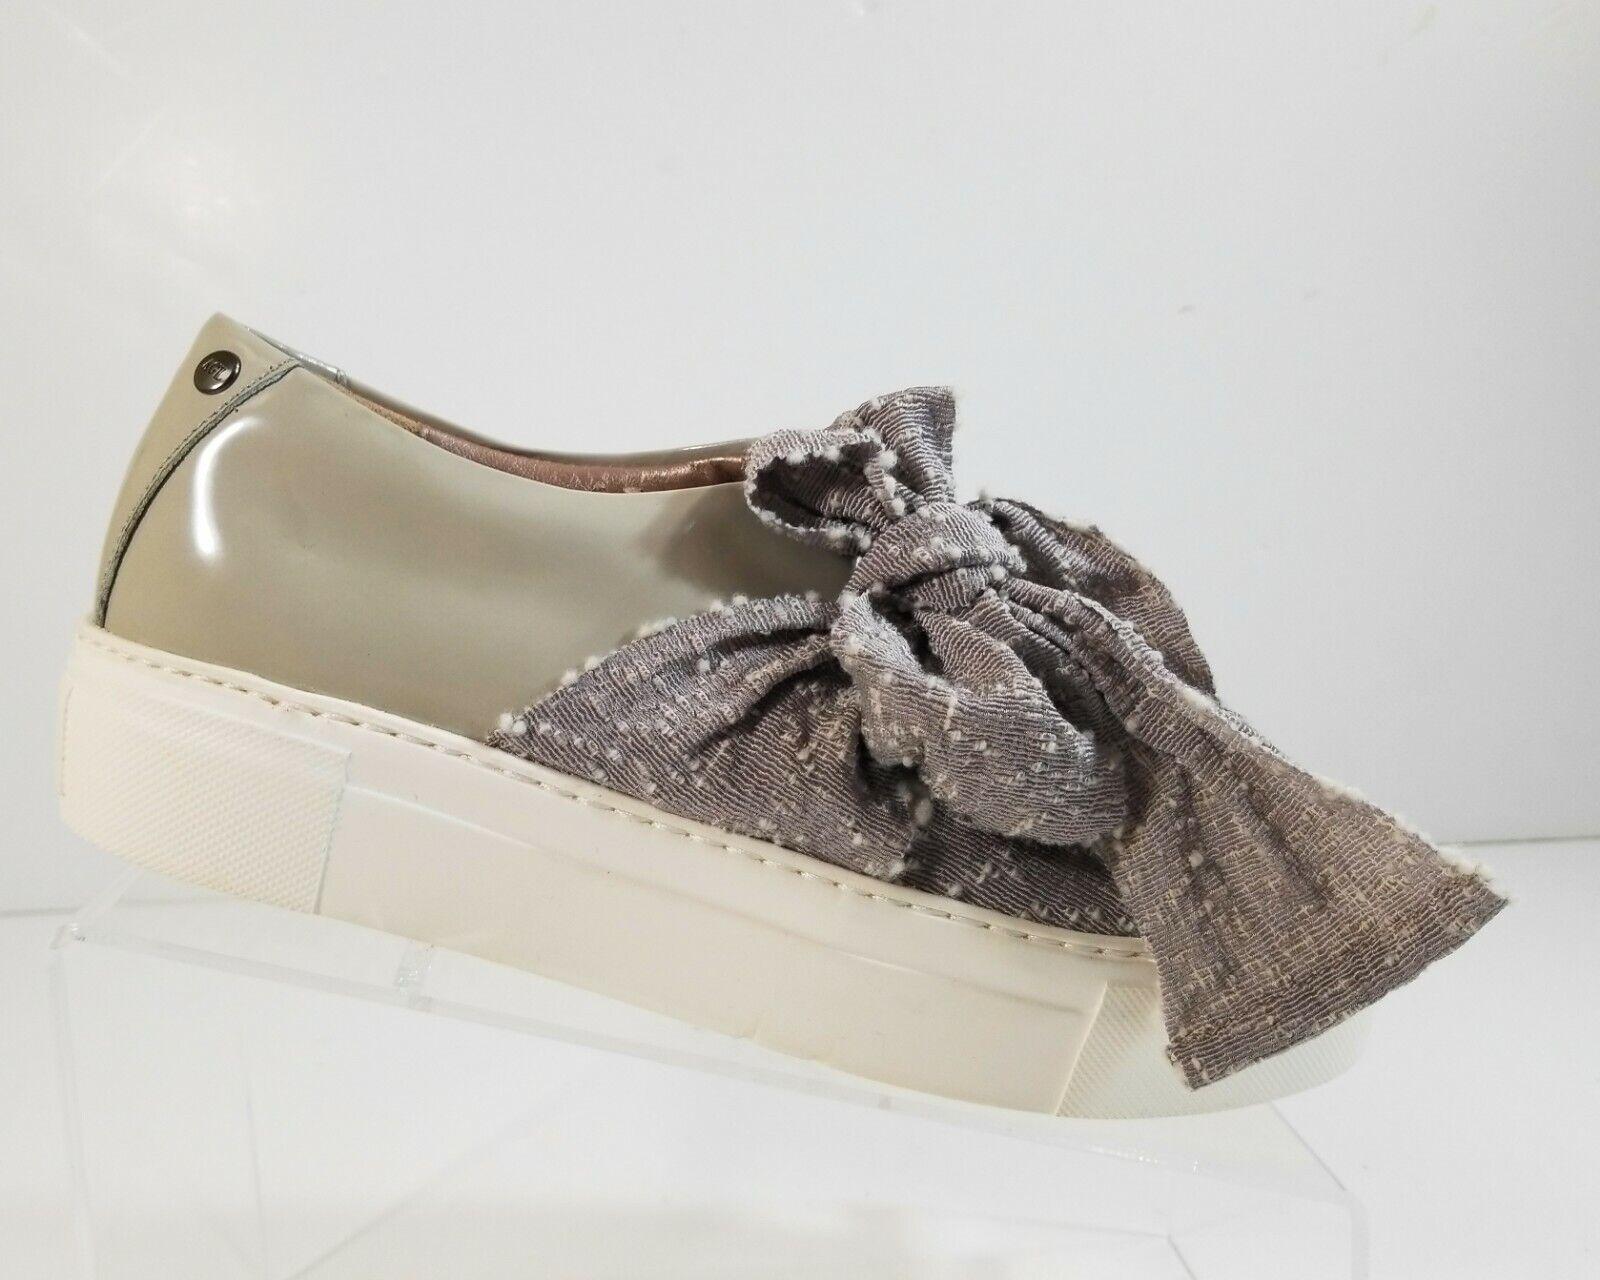 garantía de crédito Nueva Moda de Mujer Con Con Con Cordones gris AGI Charol Plataforma Arco zapatillas Talla 41  con 60% de descuento